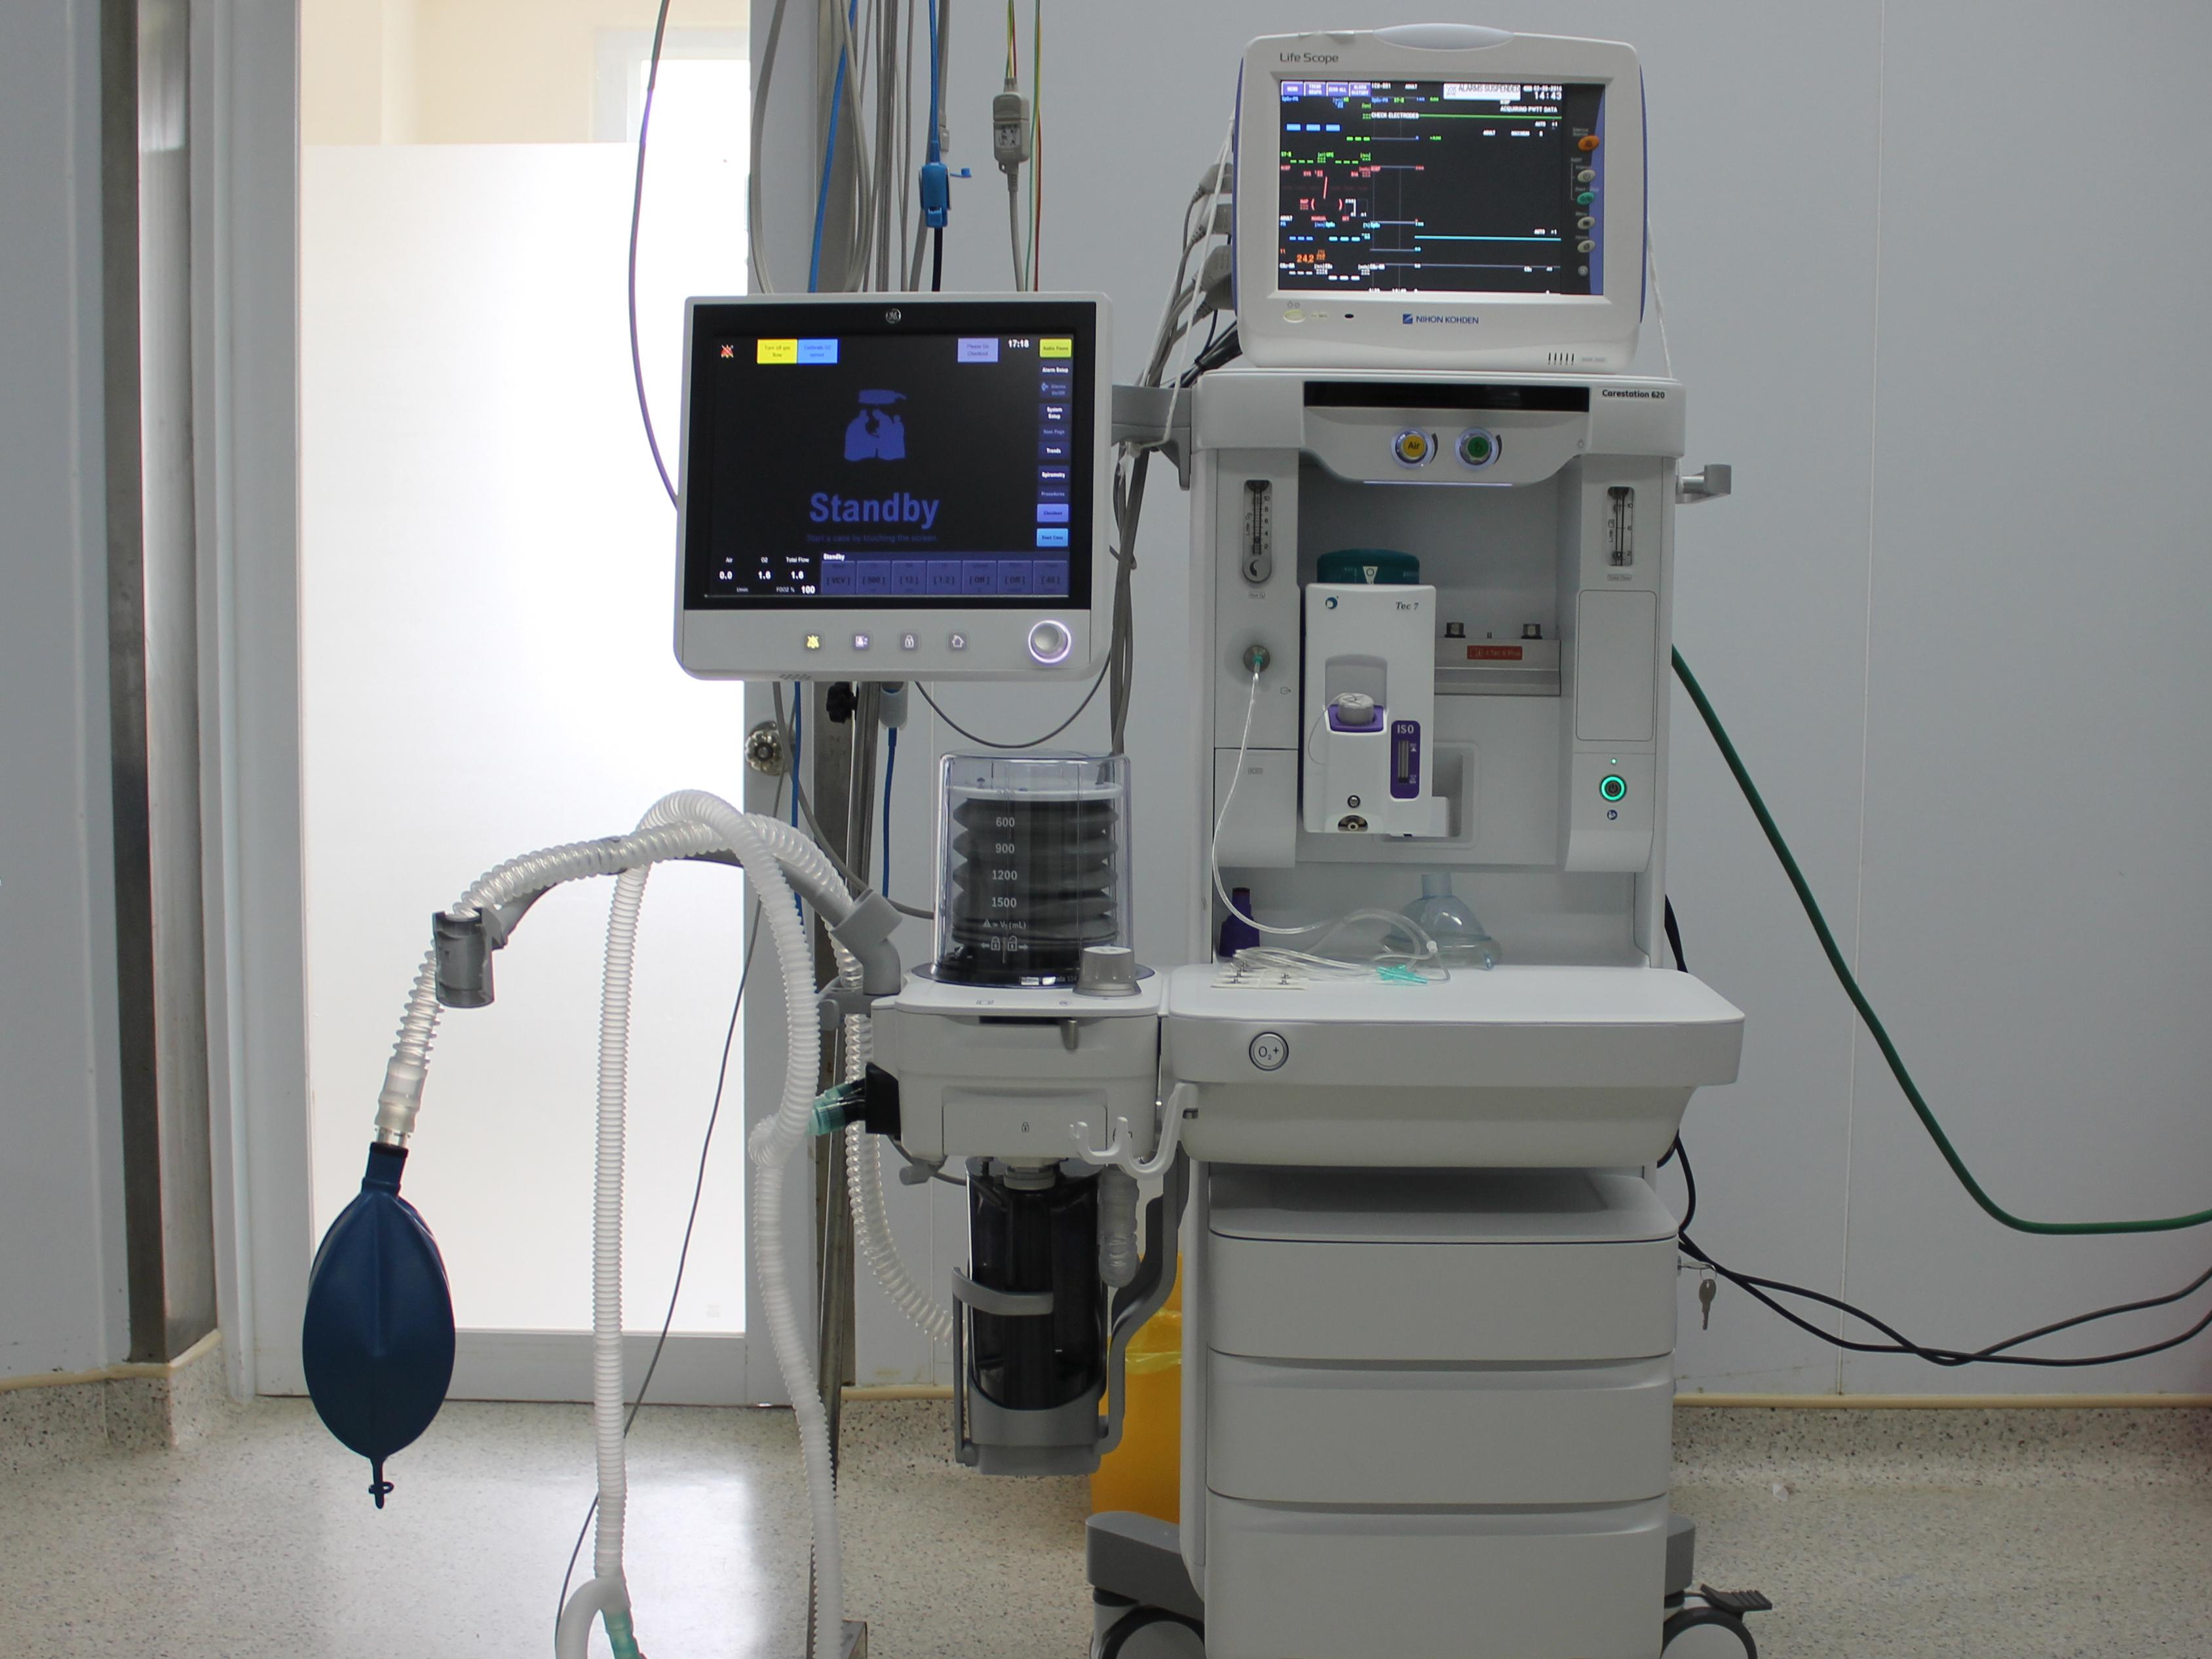 Máy Gây Mê Hiện đại: Omeda CS2, Carestation Của Mỹ